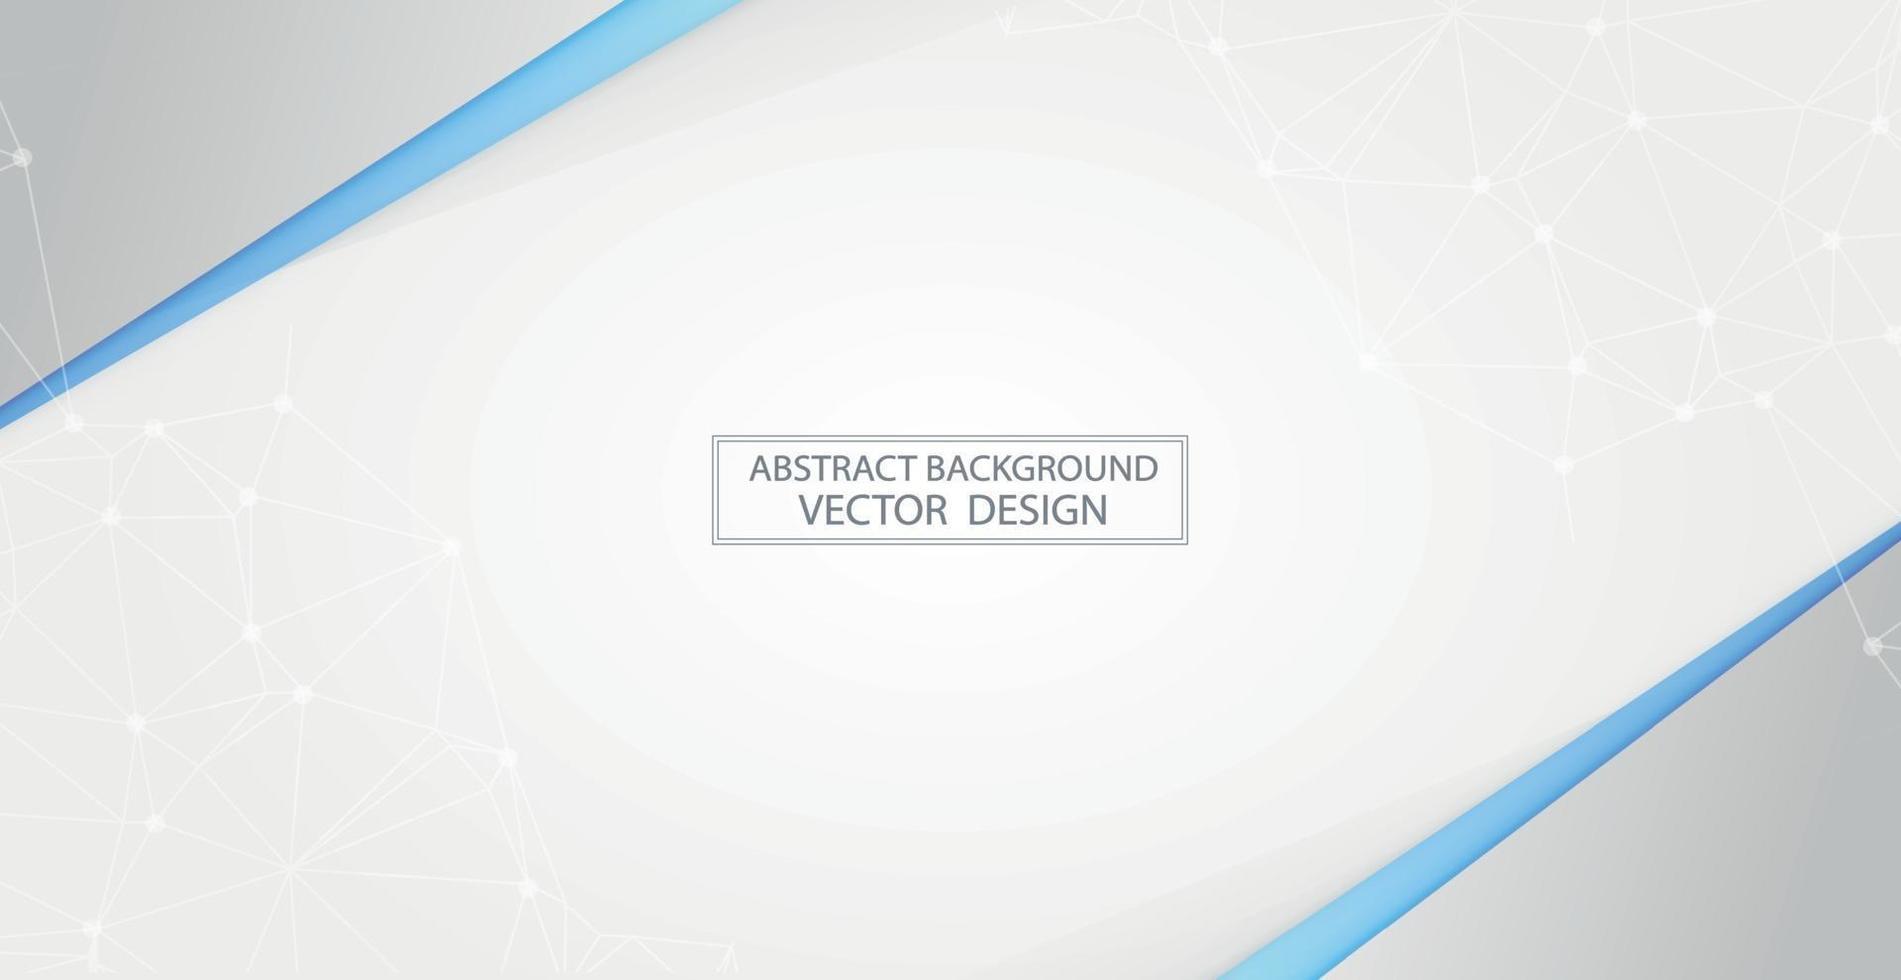 abstrakter weißer Hintergrund mit silbernen Akzenten - Vektor